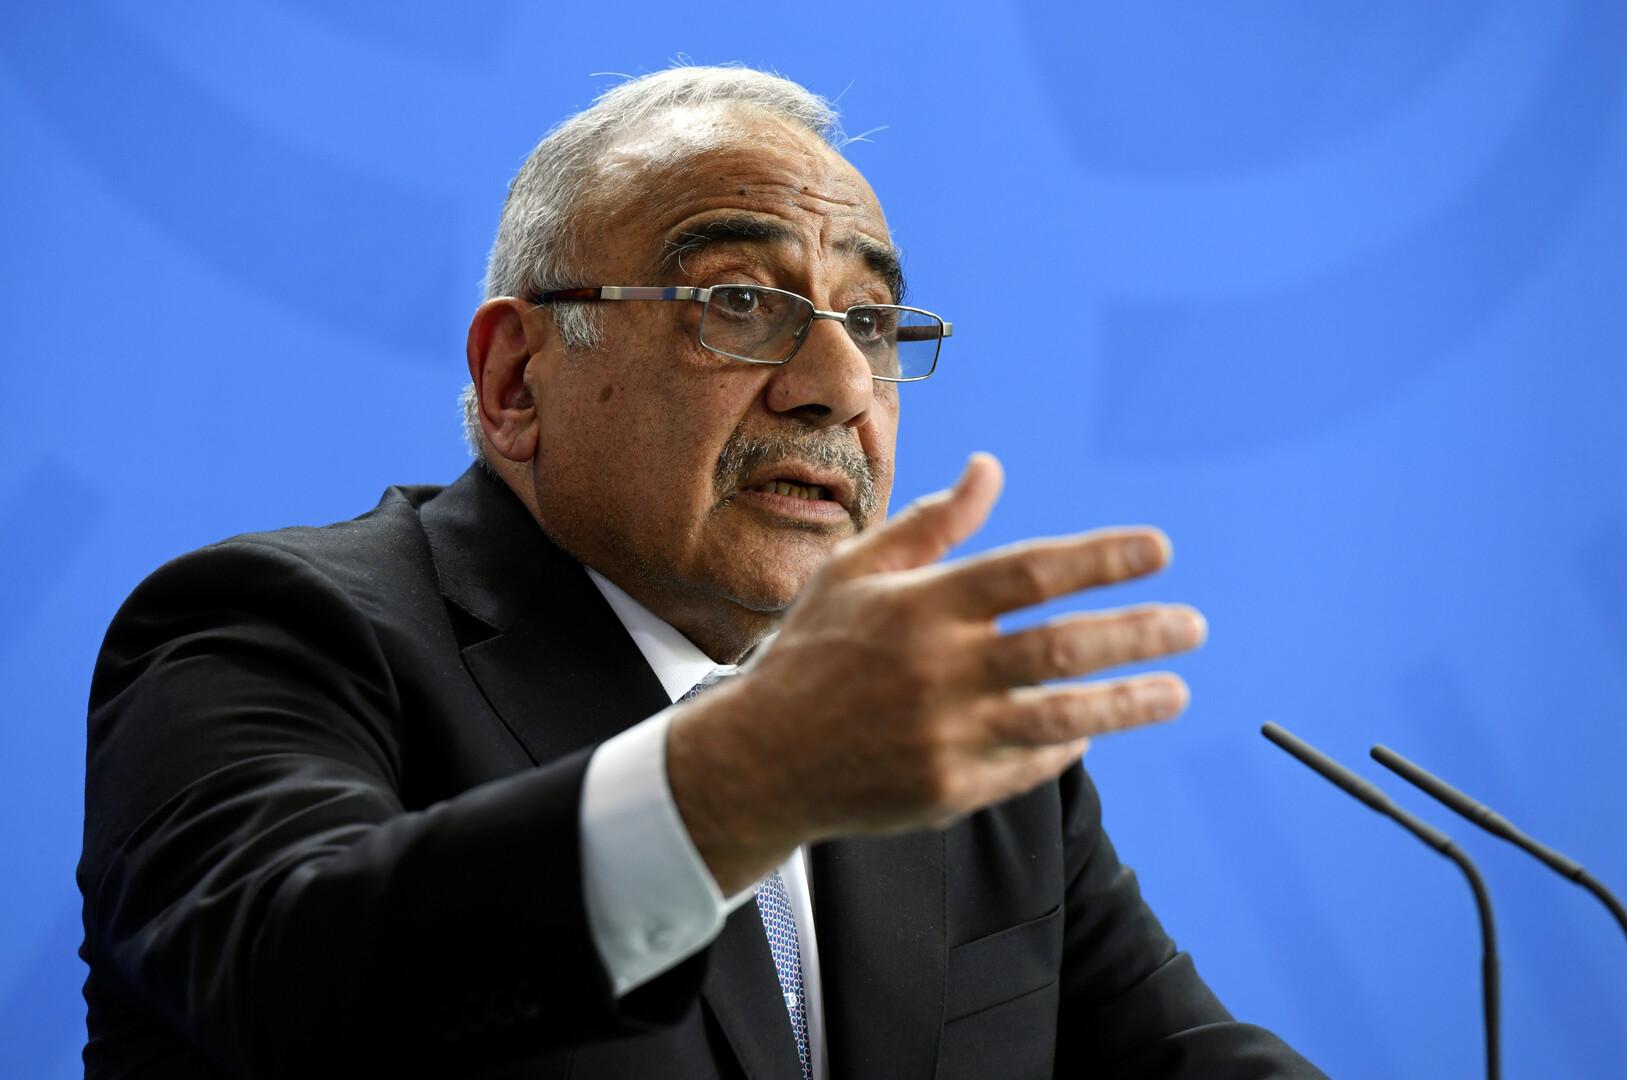 عبد المهدي يطالب البرلمان العراقي بمنحه صلاحية إجراء تعديلات حكومية